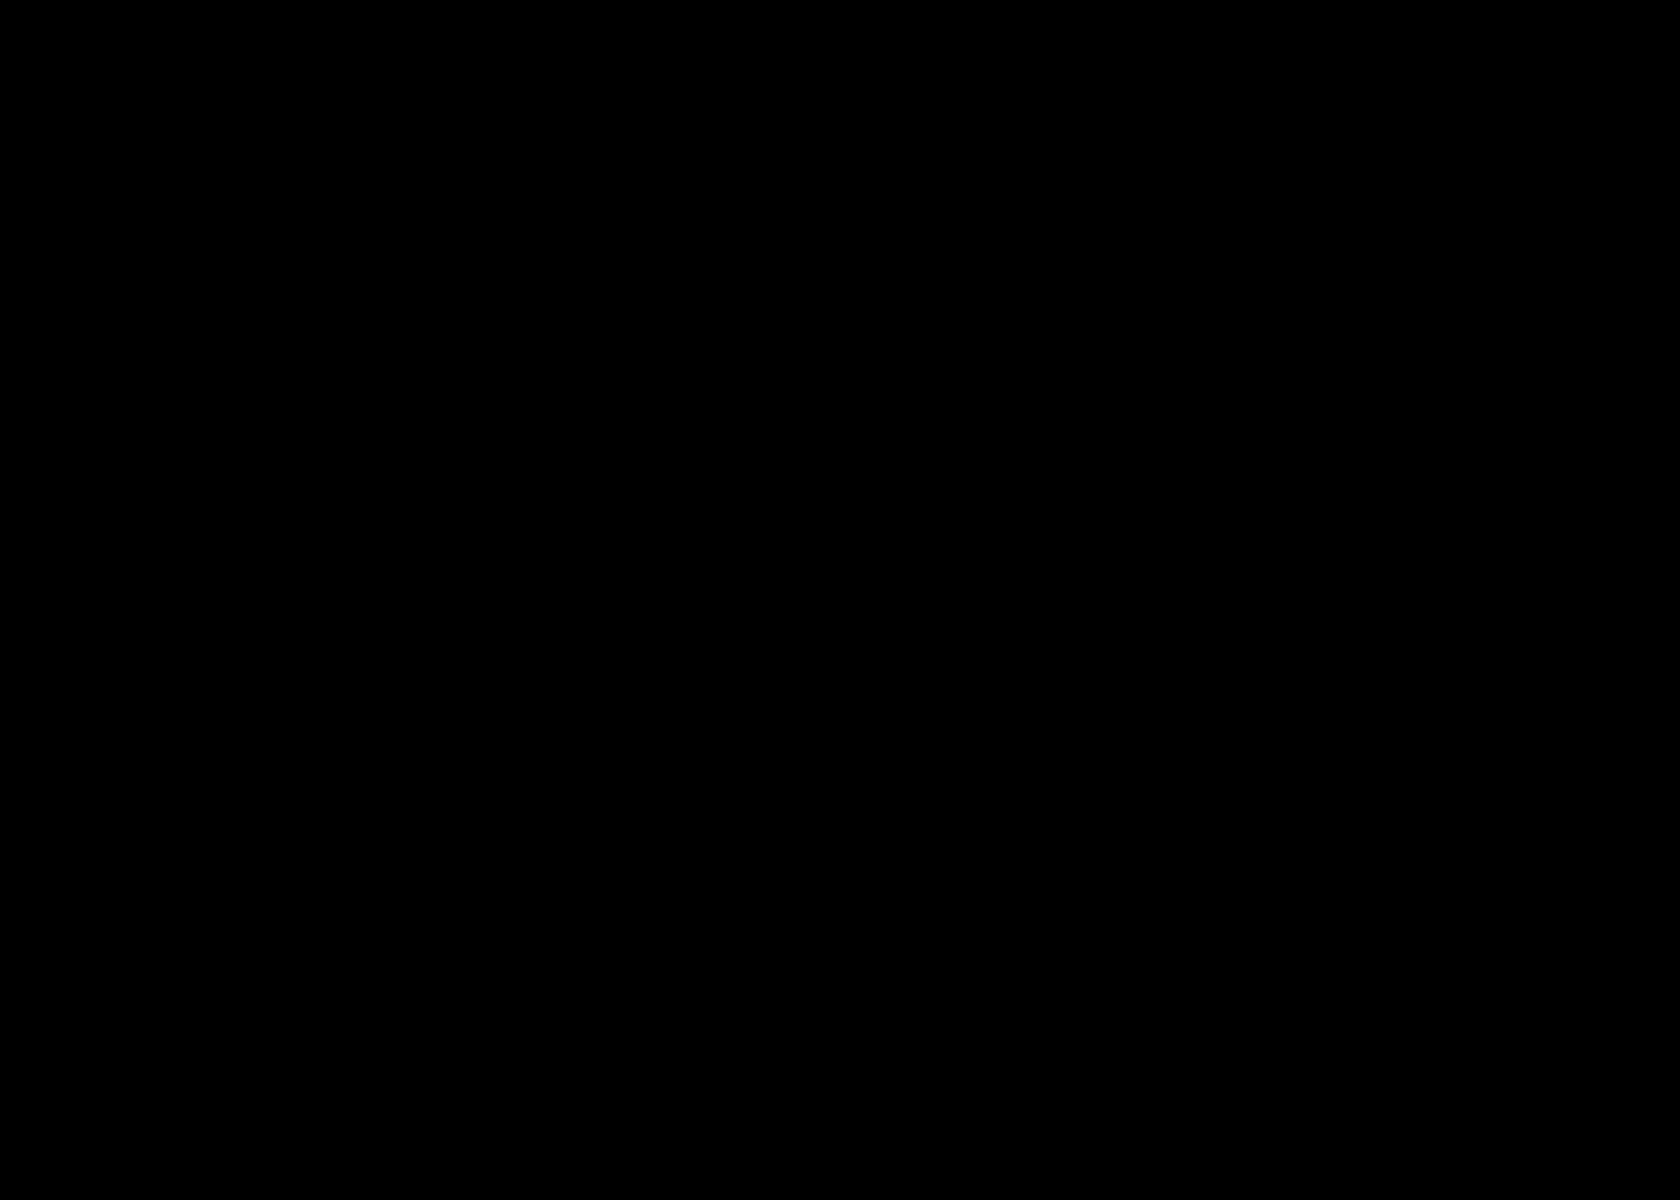 zwart